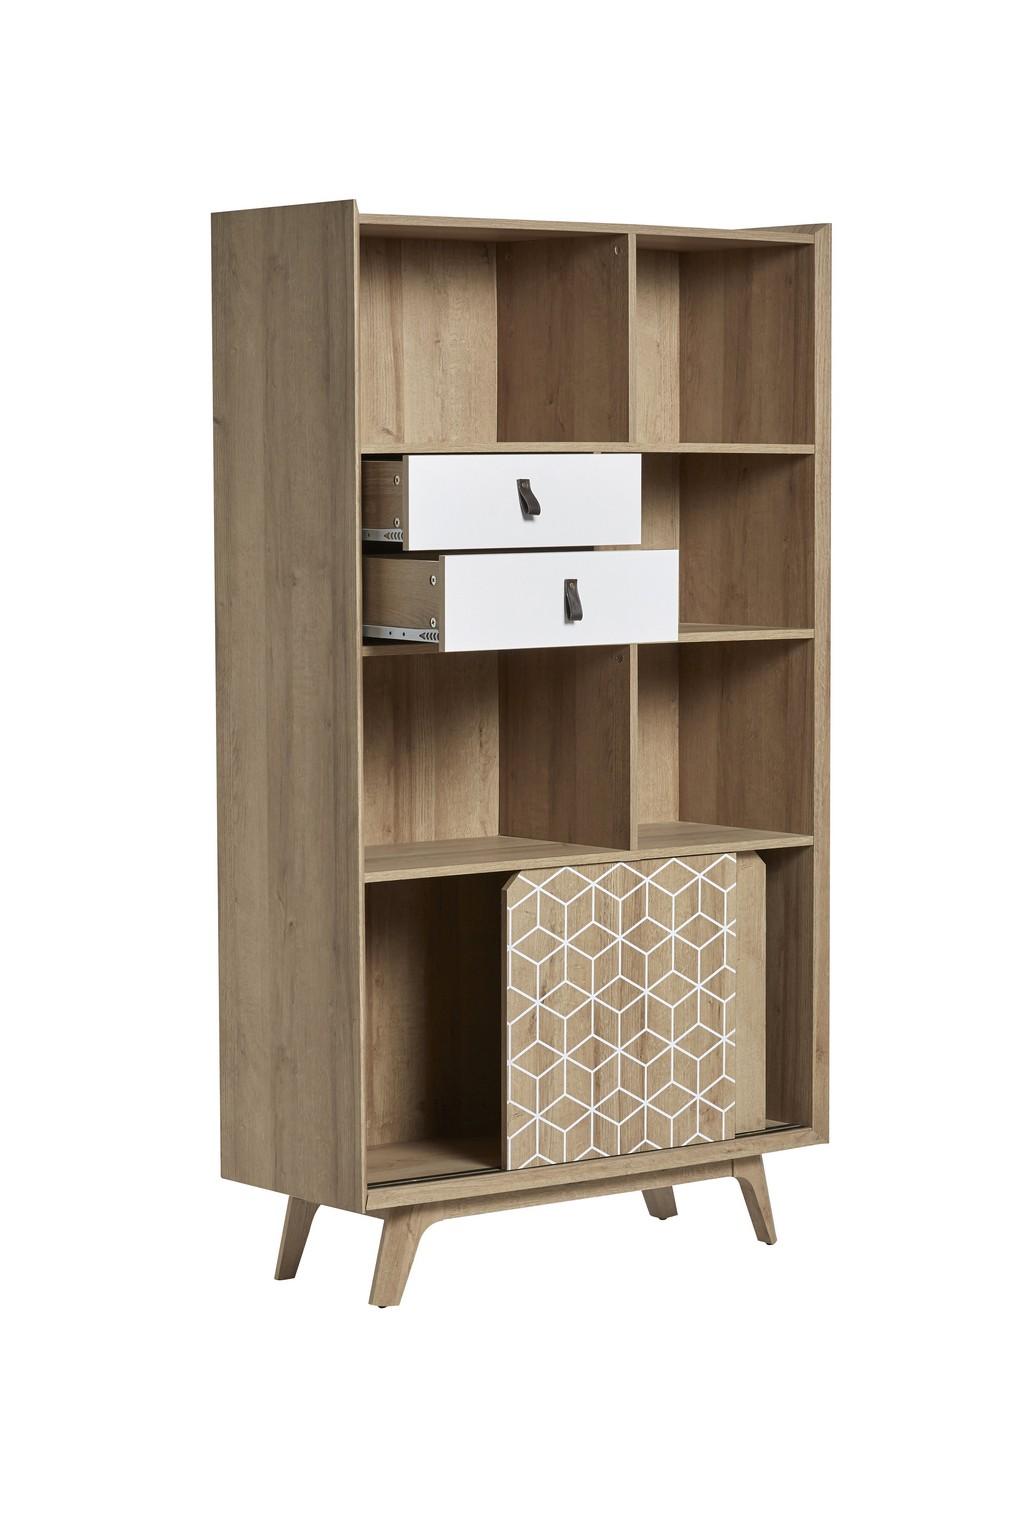 bahut javme zapdesign. Black Bedroom Furniture Sets. Home Design Ideas